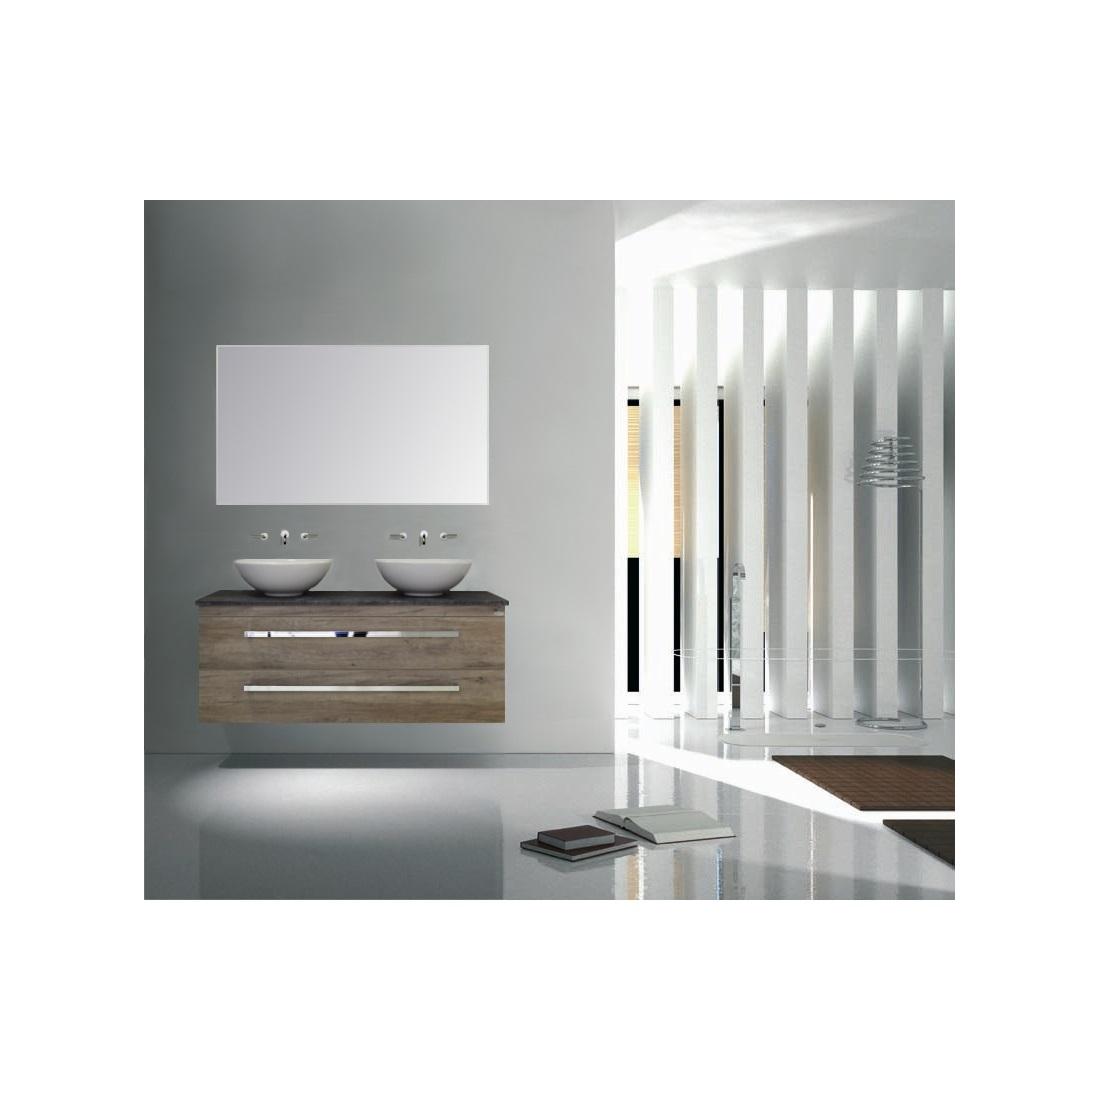 Badkamermeubelset Sanicare Q12 2 Laden Schots-Eiken (spiegel optioneel)